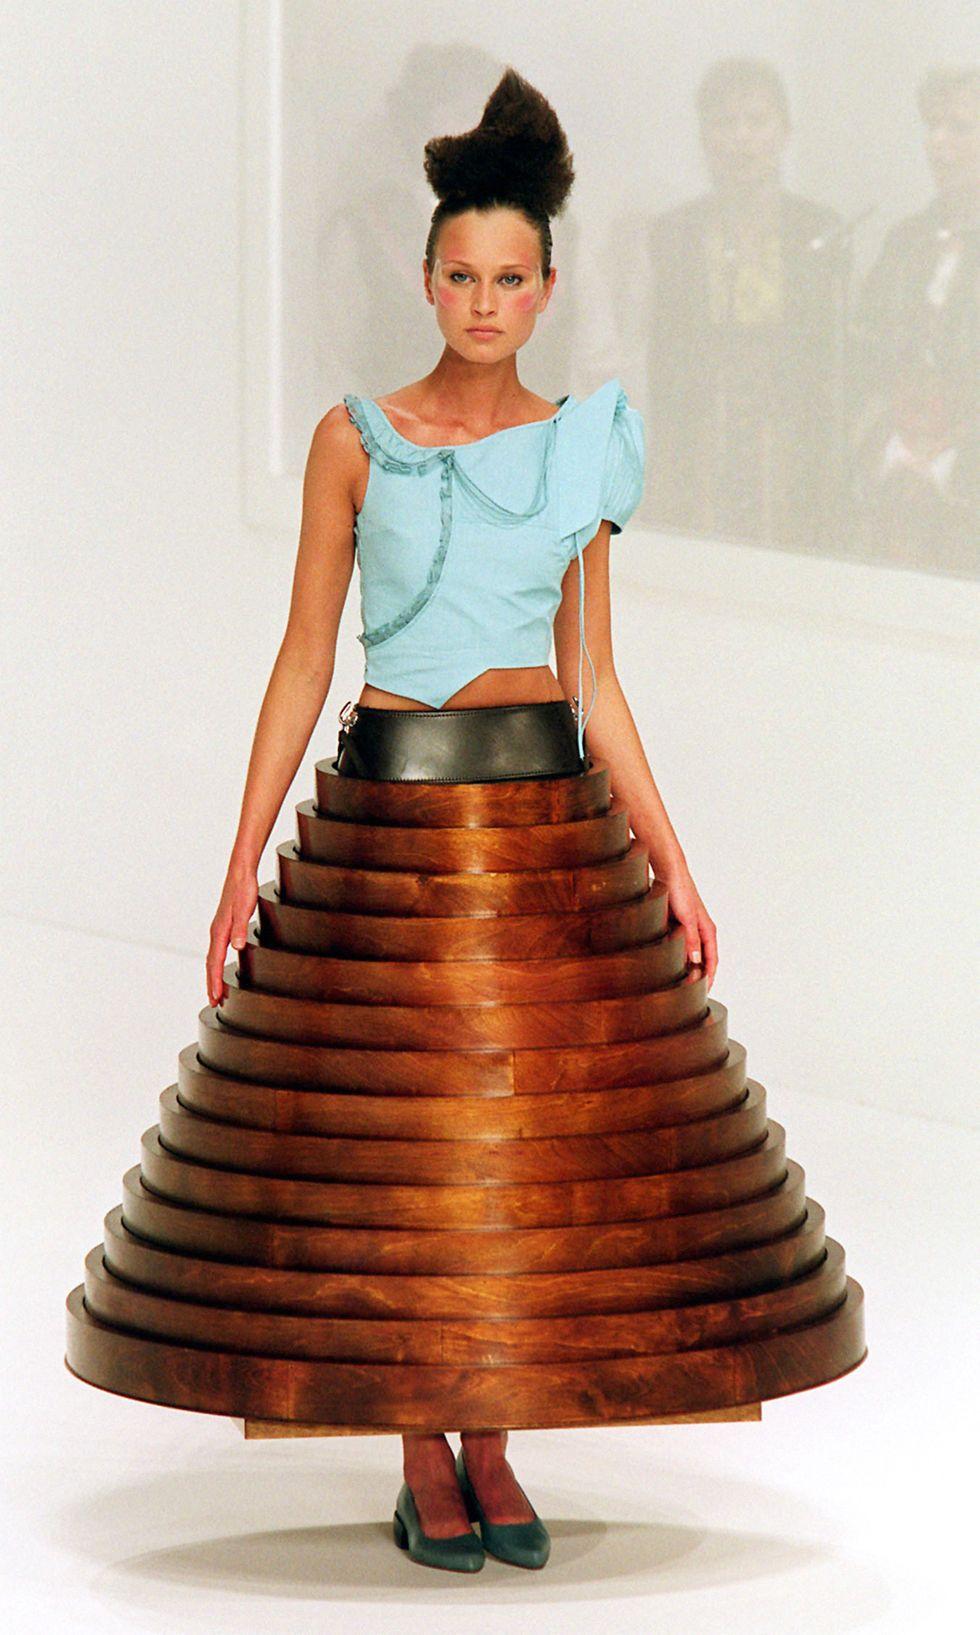 Vì sao thời trang xa xỉ Haute Couture là sự hào nhoáng xa rời thực tế? - 2